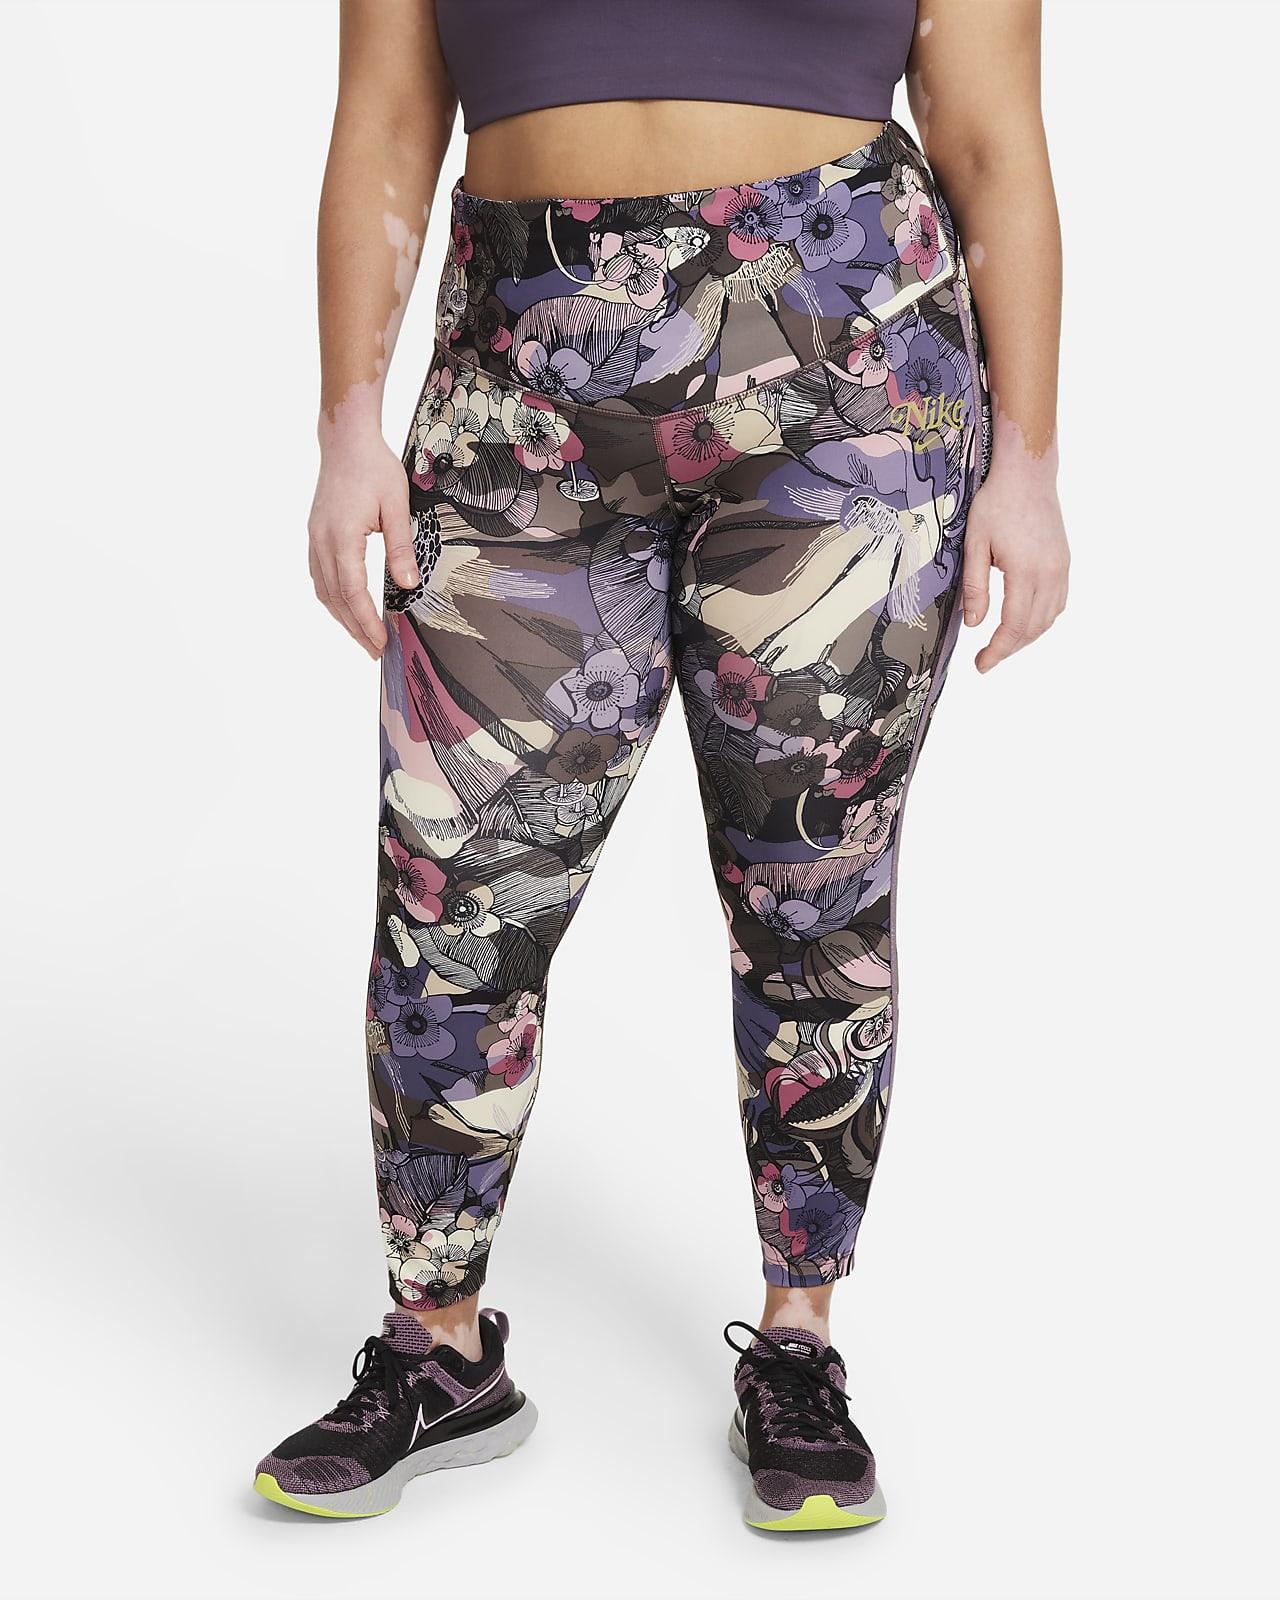 Nike Epic Fast Femme Normal Belli 7/8 Kadın Koşu Taytı (Büyük Beden)